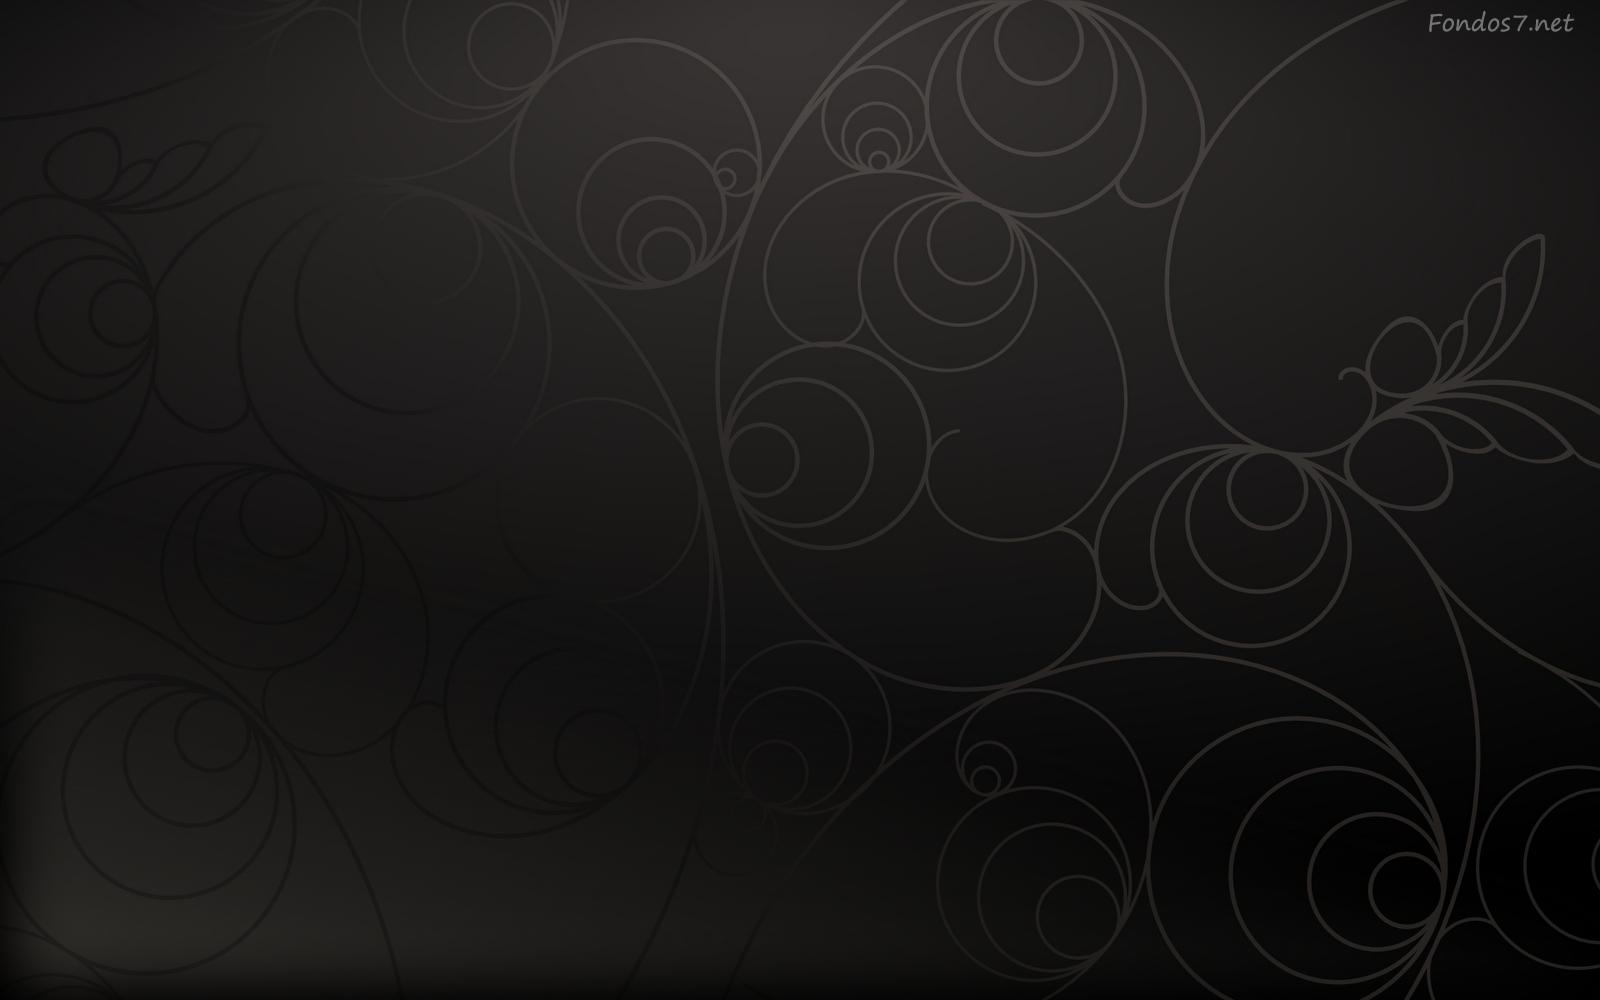 Descargar Fondos de pantalla wallpaper negro hd widescreen Gratis 1600x1000